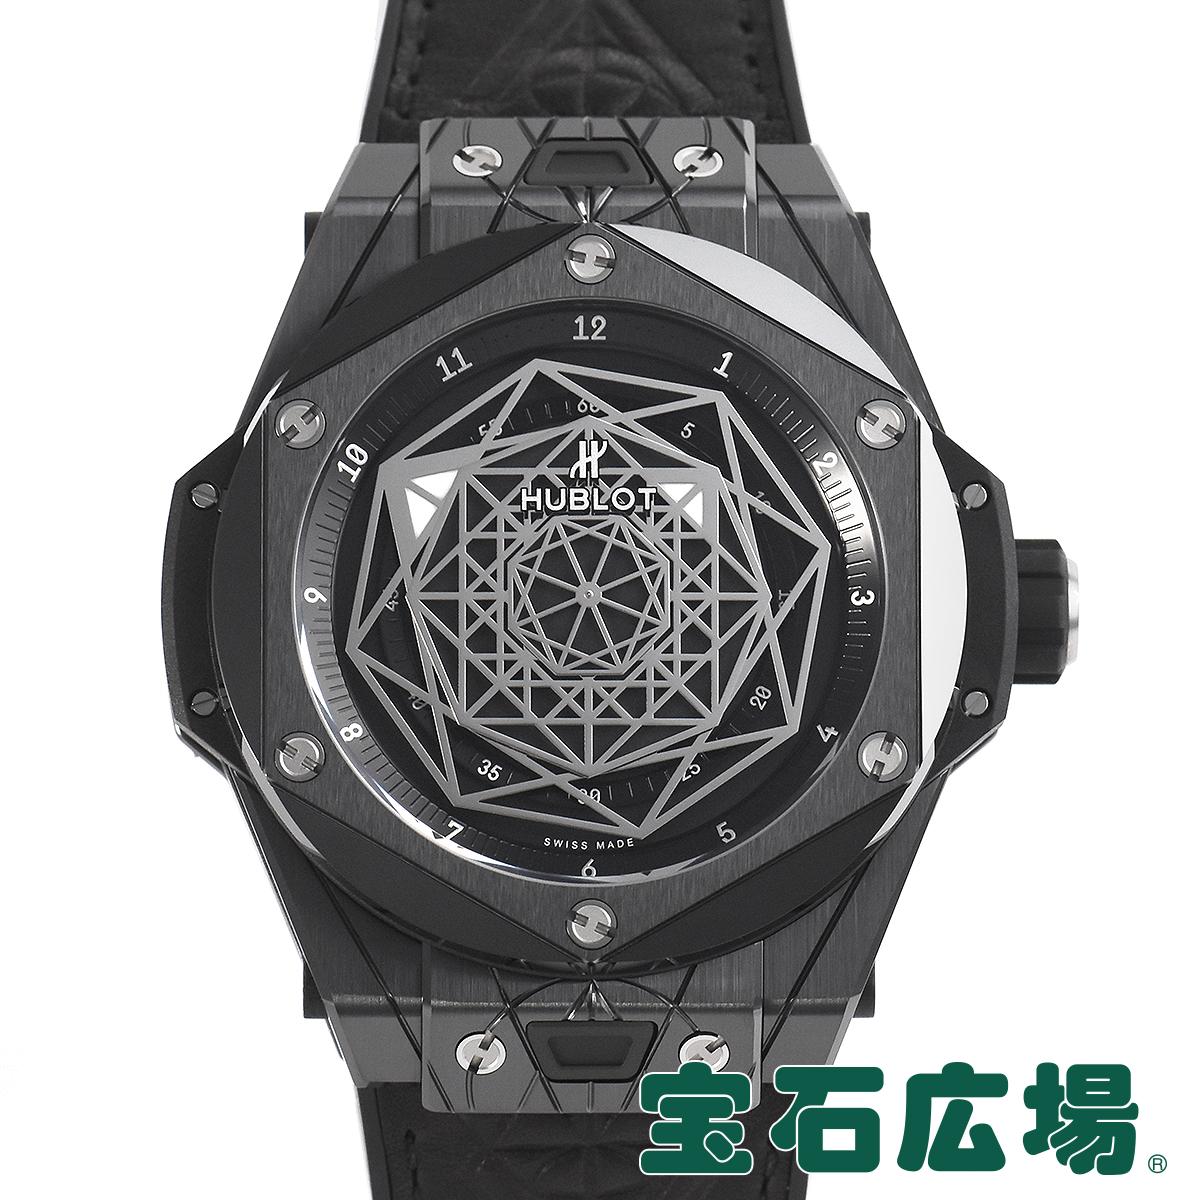 ウブロ HUBLOT ビッグバン ウニコ サンブルーブラックマジック 限定生産200本 415.CX.1112.VR.MXM18【中古】メンズ 腕時計 送料無料